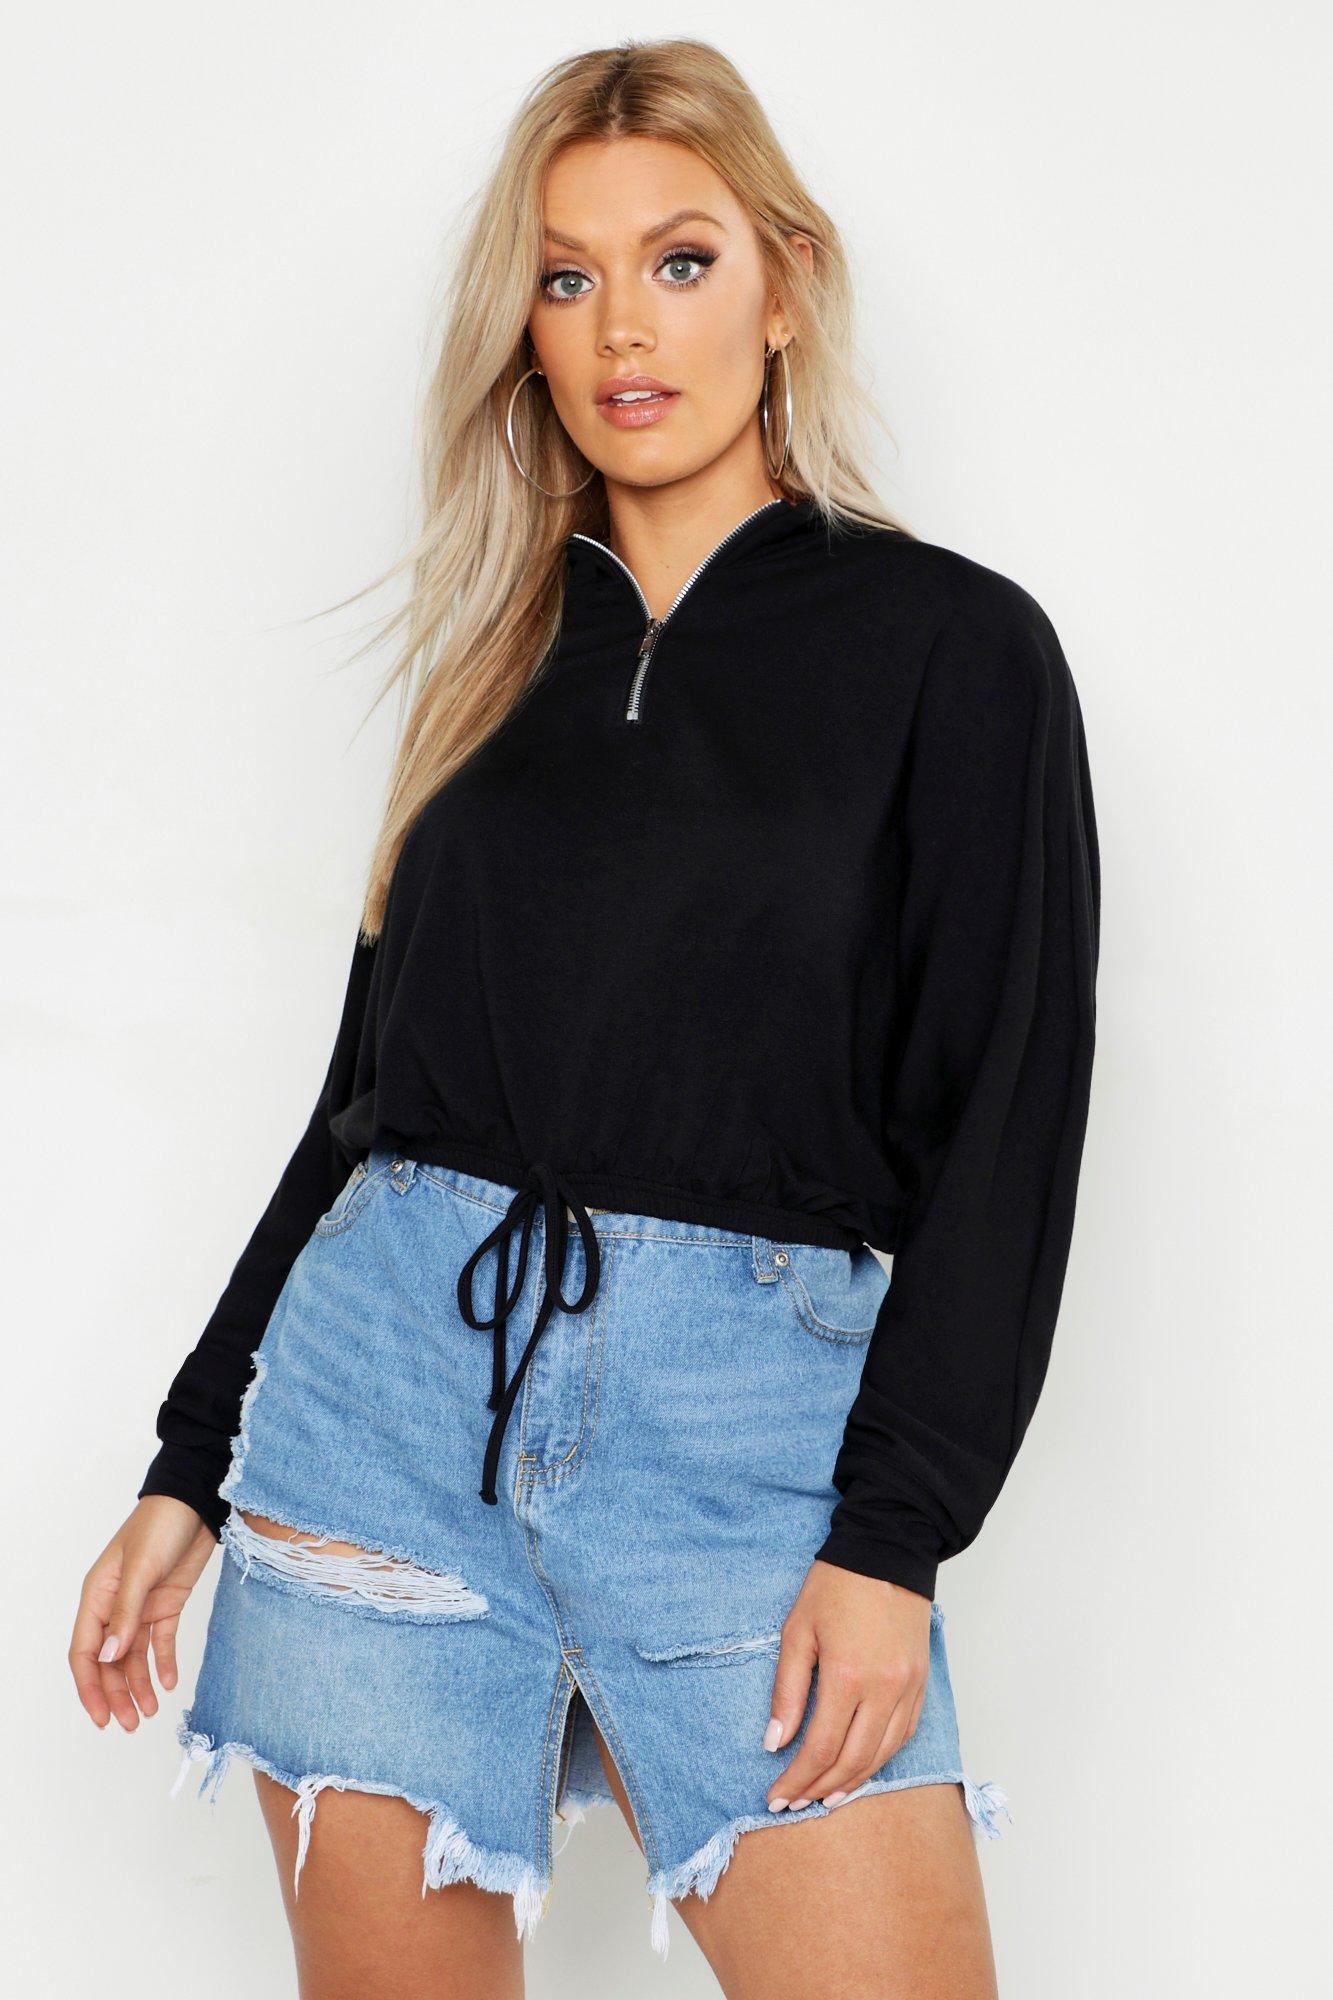 Womens Plus kurzes Sweatshirt mit Fledermausärmeln und Tunnelzug - schwarz - 44, Schwarz - Boohoo.com